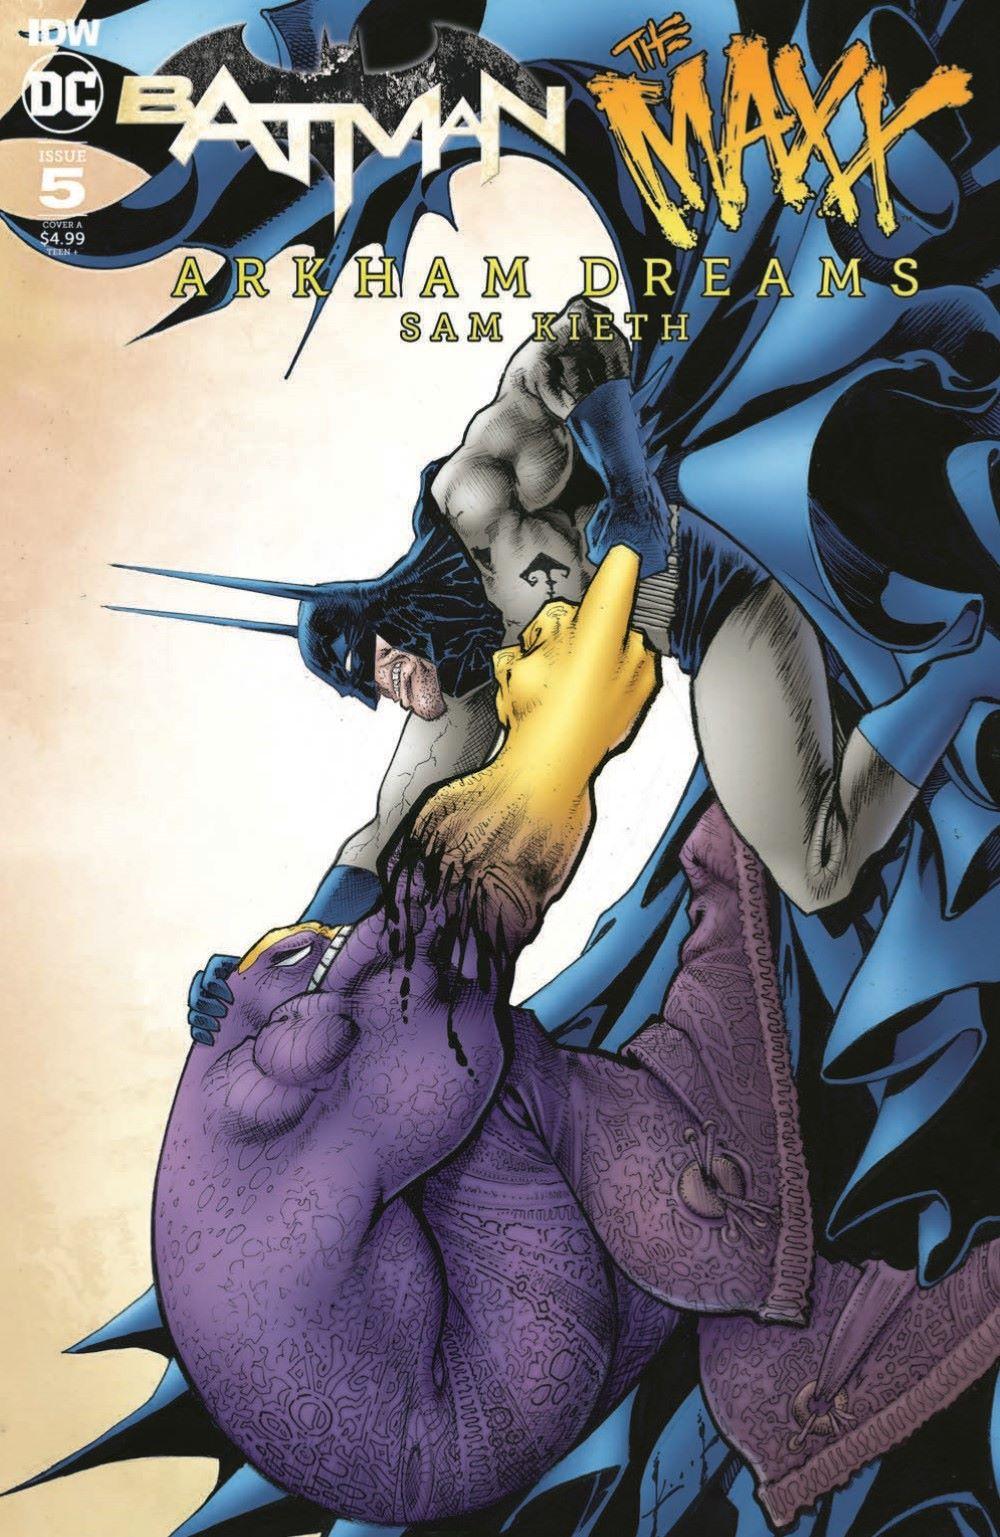 Batman-Maxx05_pr-1 ComicList Previews: BATMAN THE MAXX ARKHAM DREAMS #5